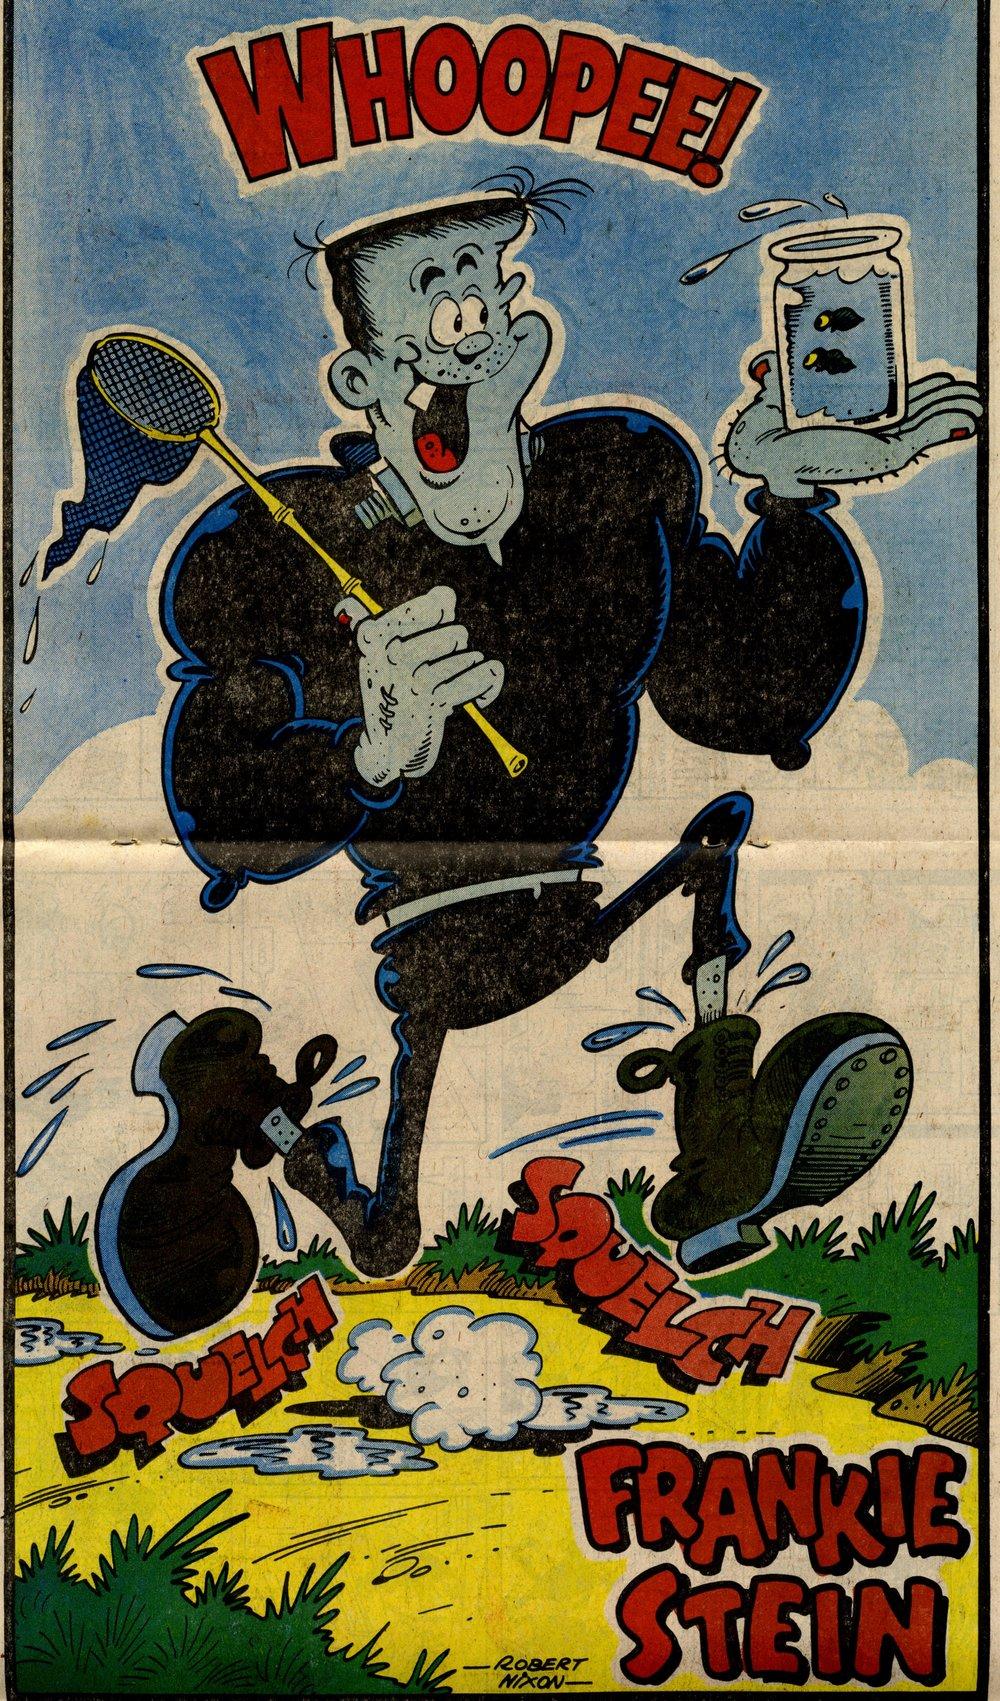 Frankie Stein poster: Robert Nixon (artist)